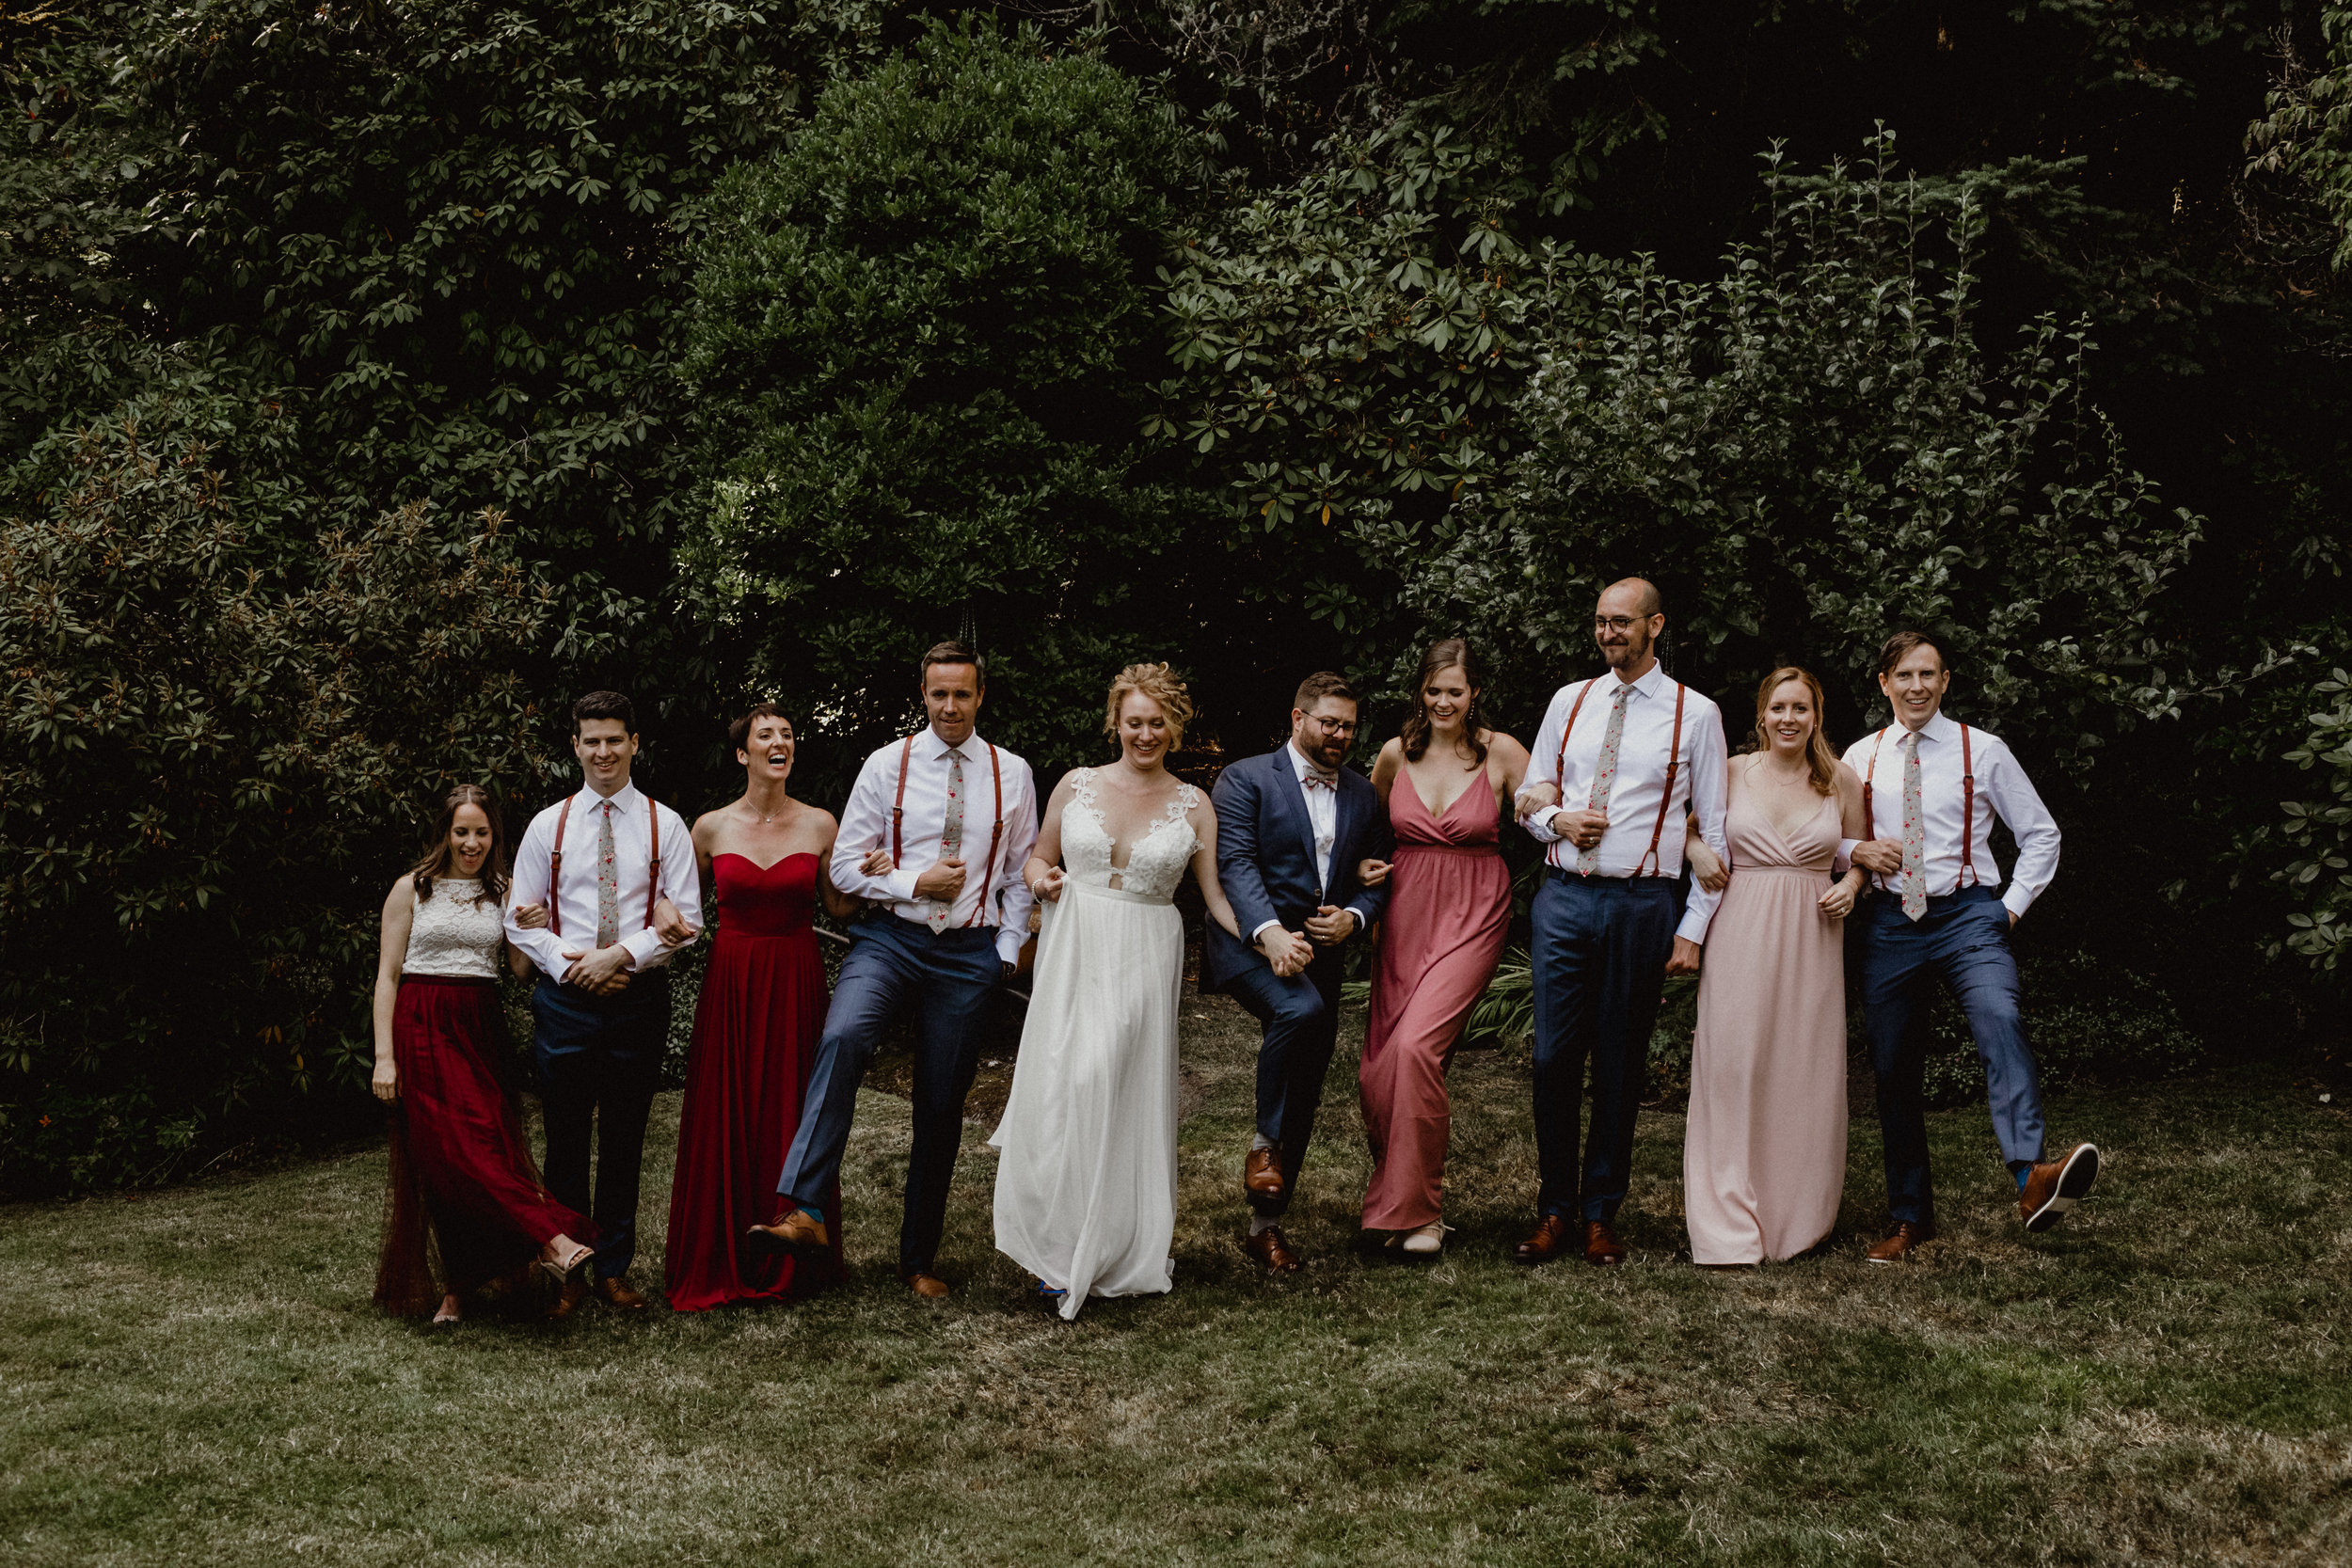 west-vancouver-backyard-wedding-166.jpg